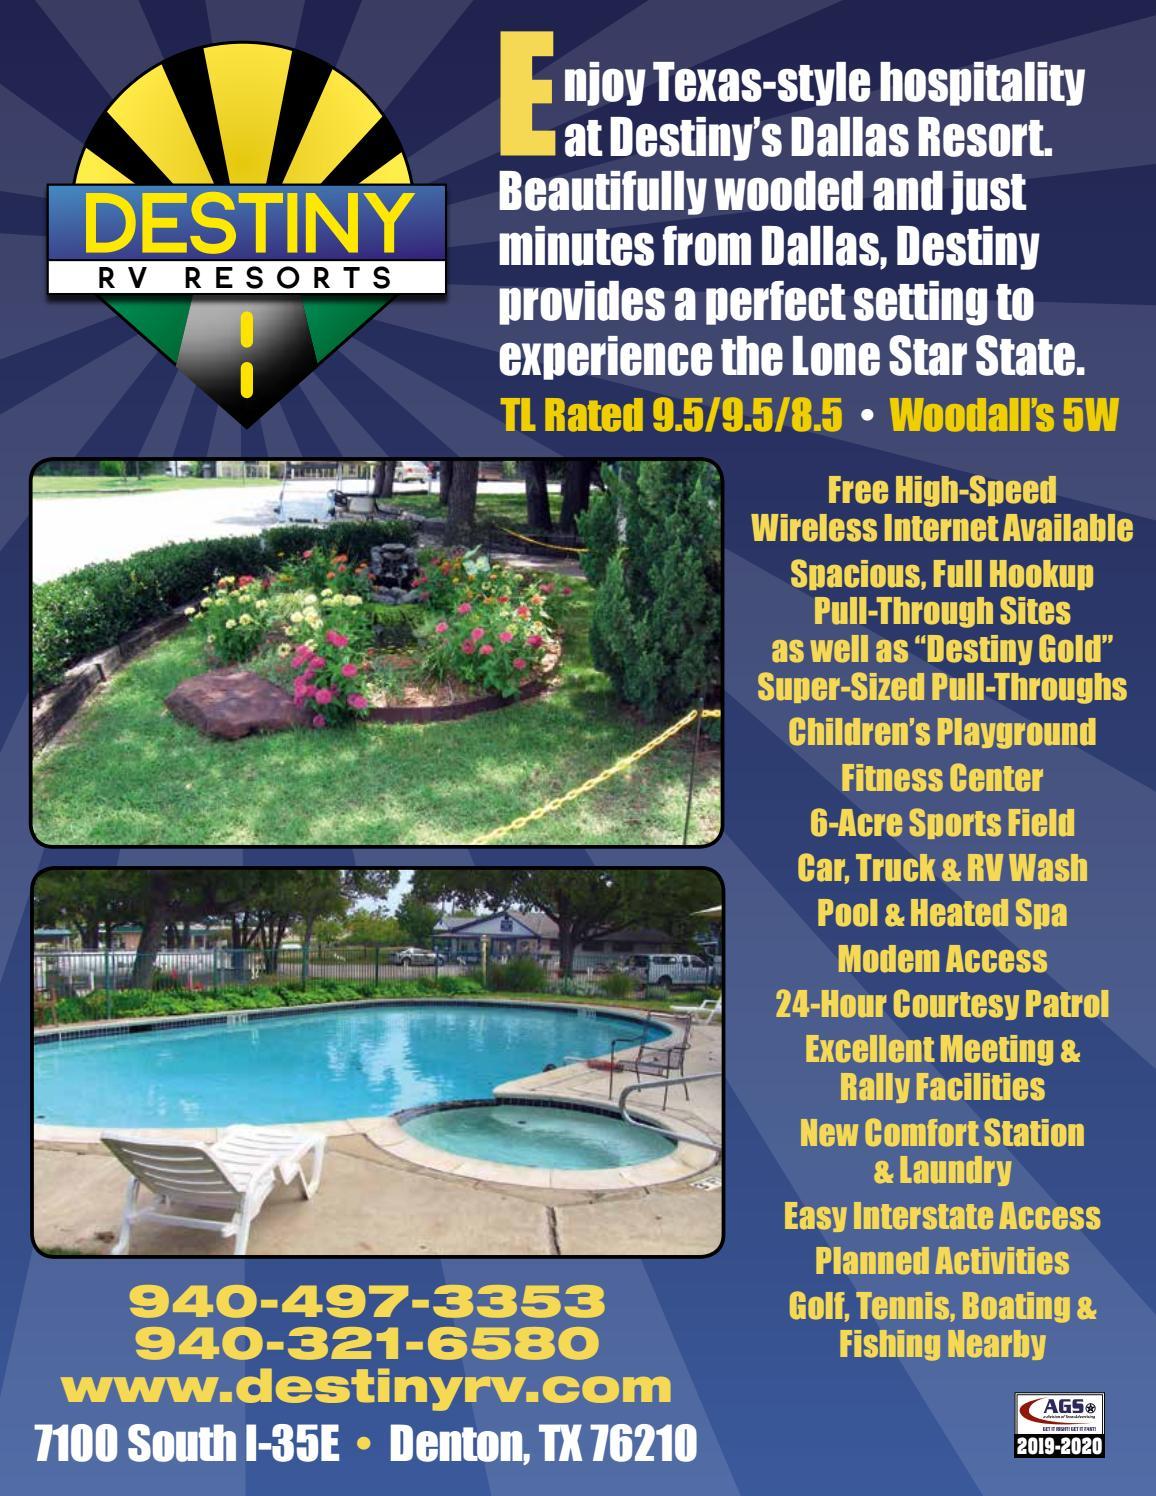 Dallas Destiny RV Resort by AGS/Texas Advertising - issuu